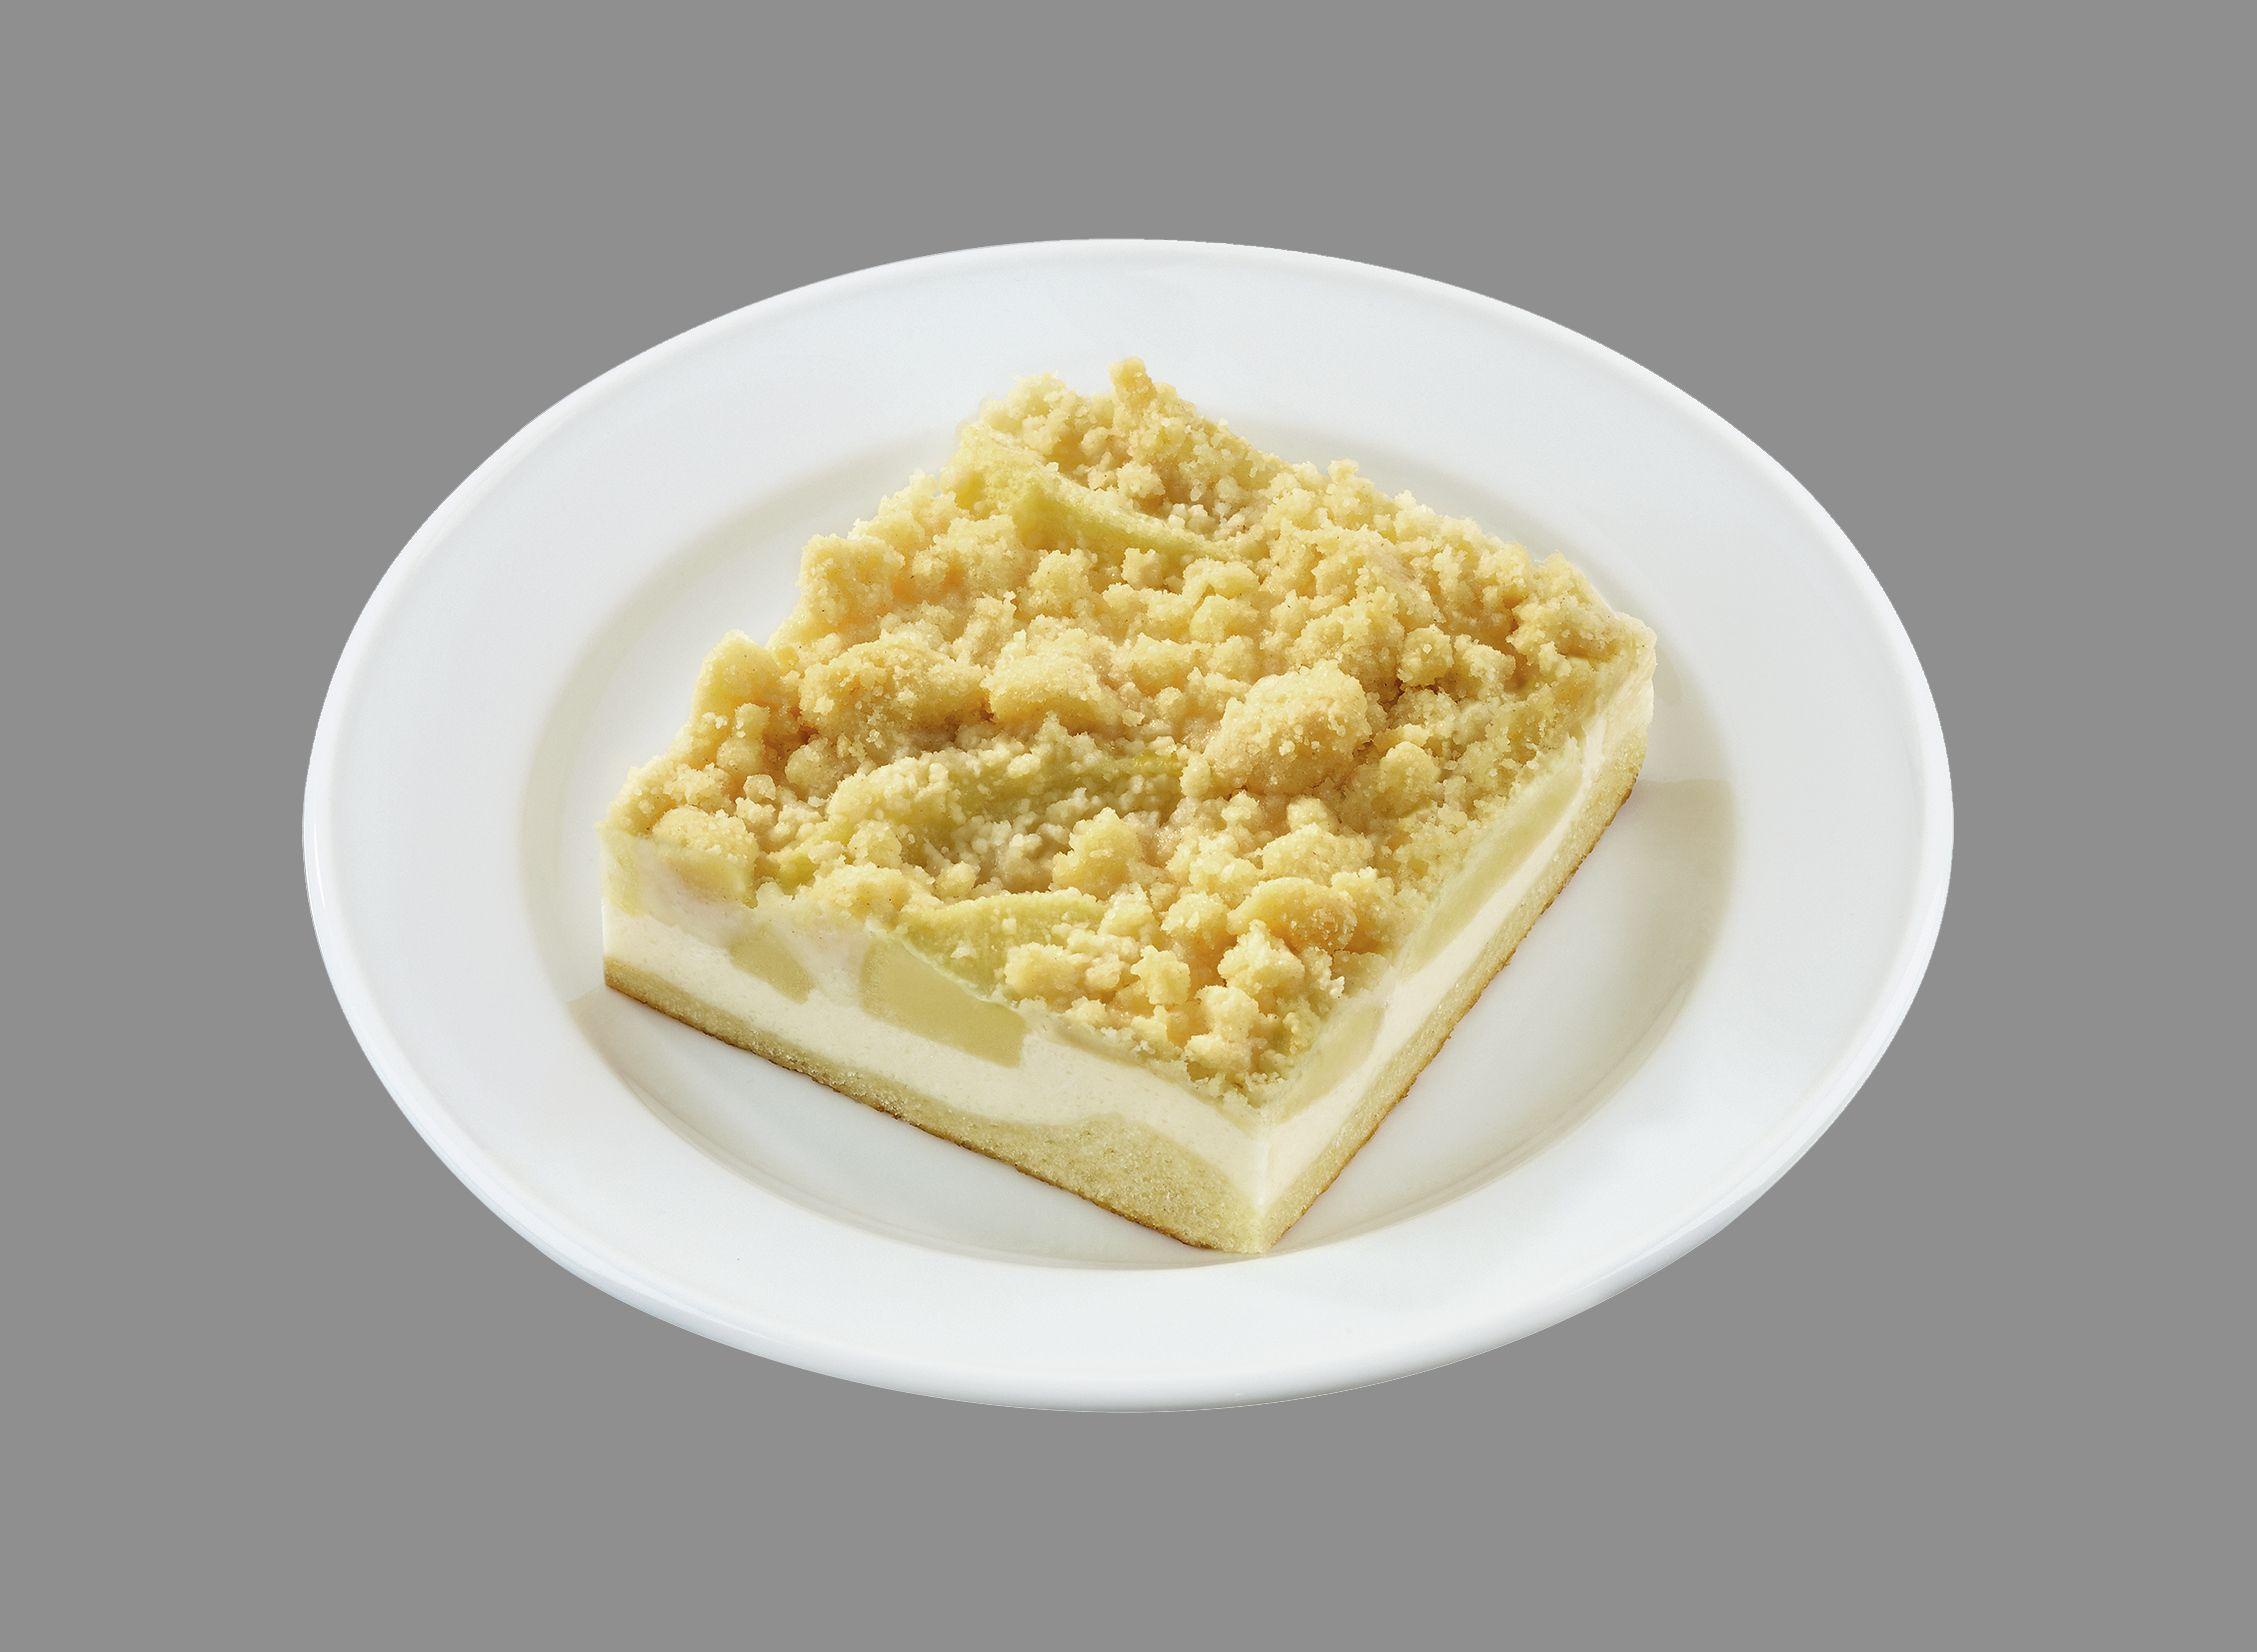 Saftiger Apfel-Streuselkuchen  (einzeln verpackt)